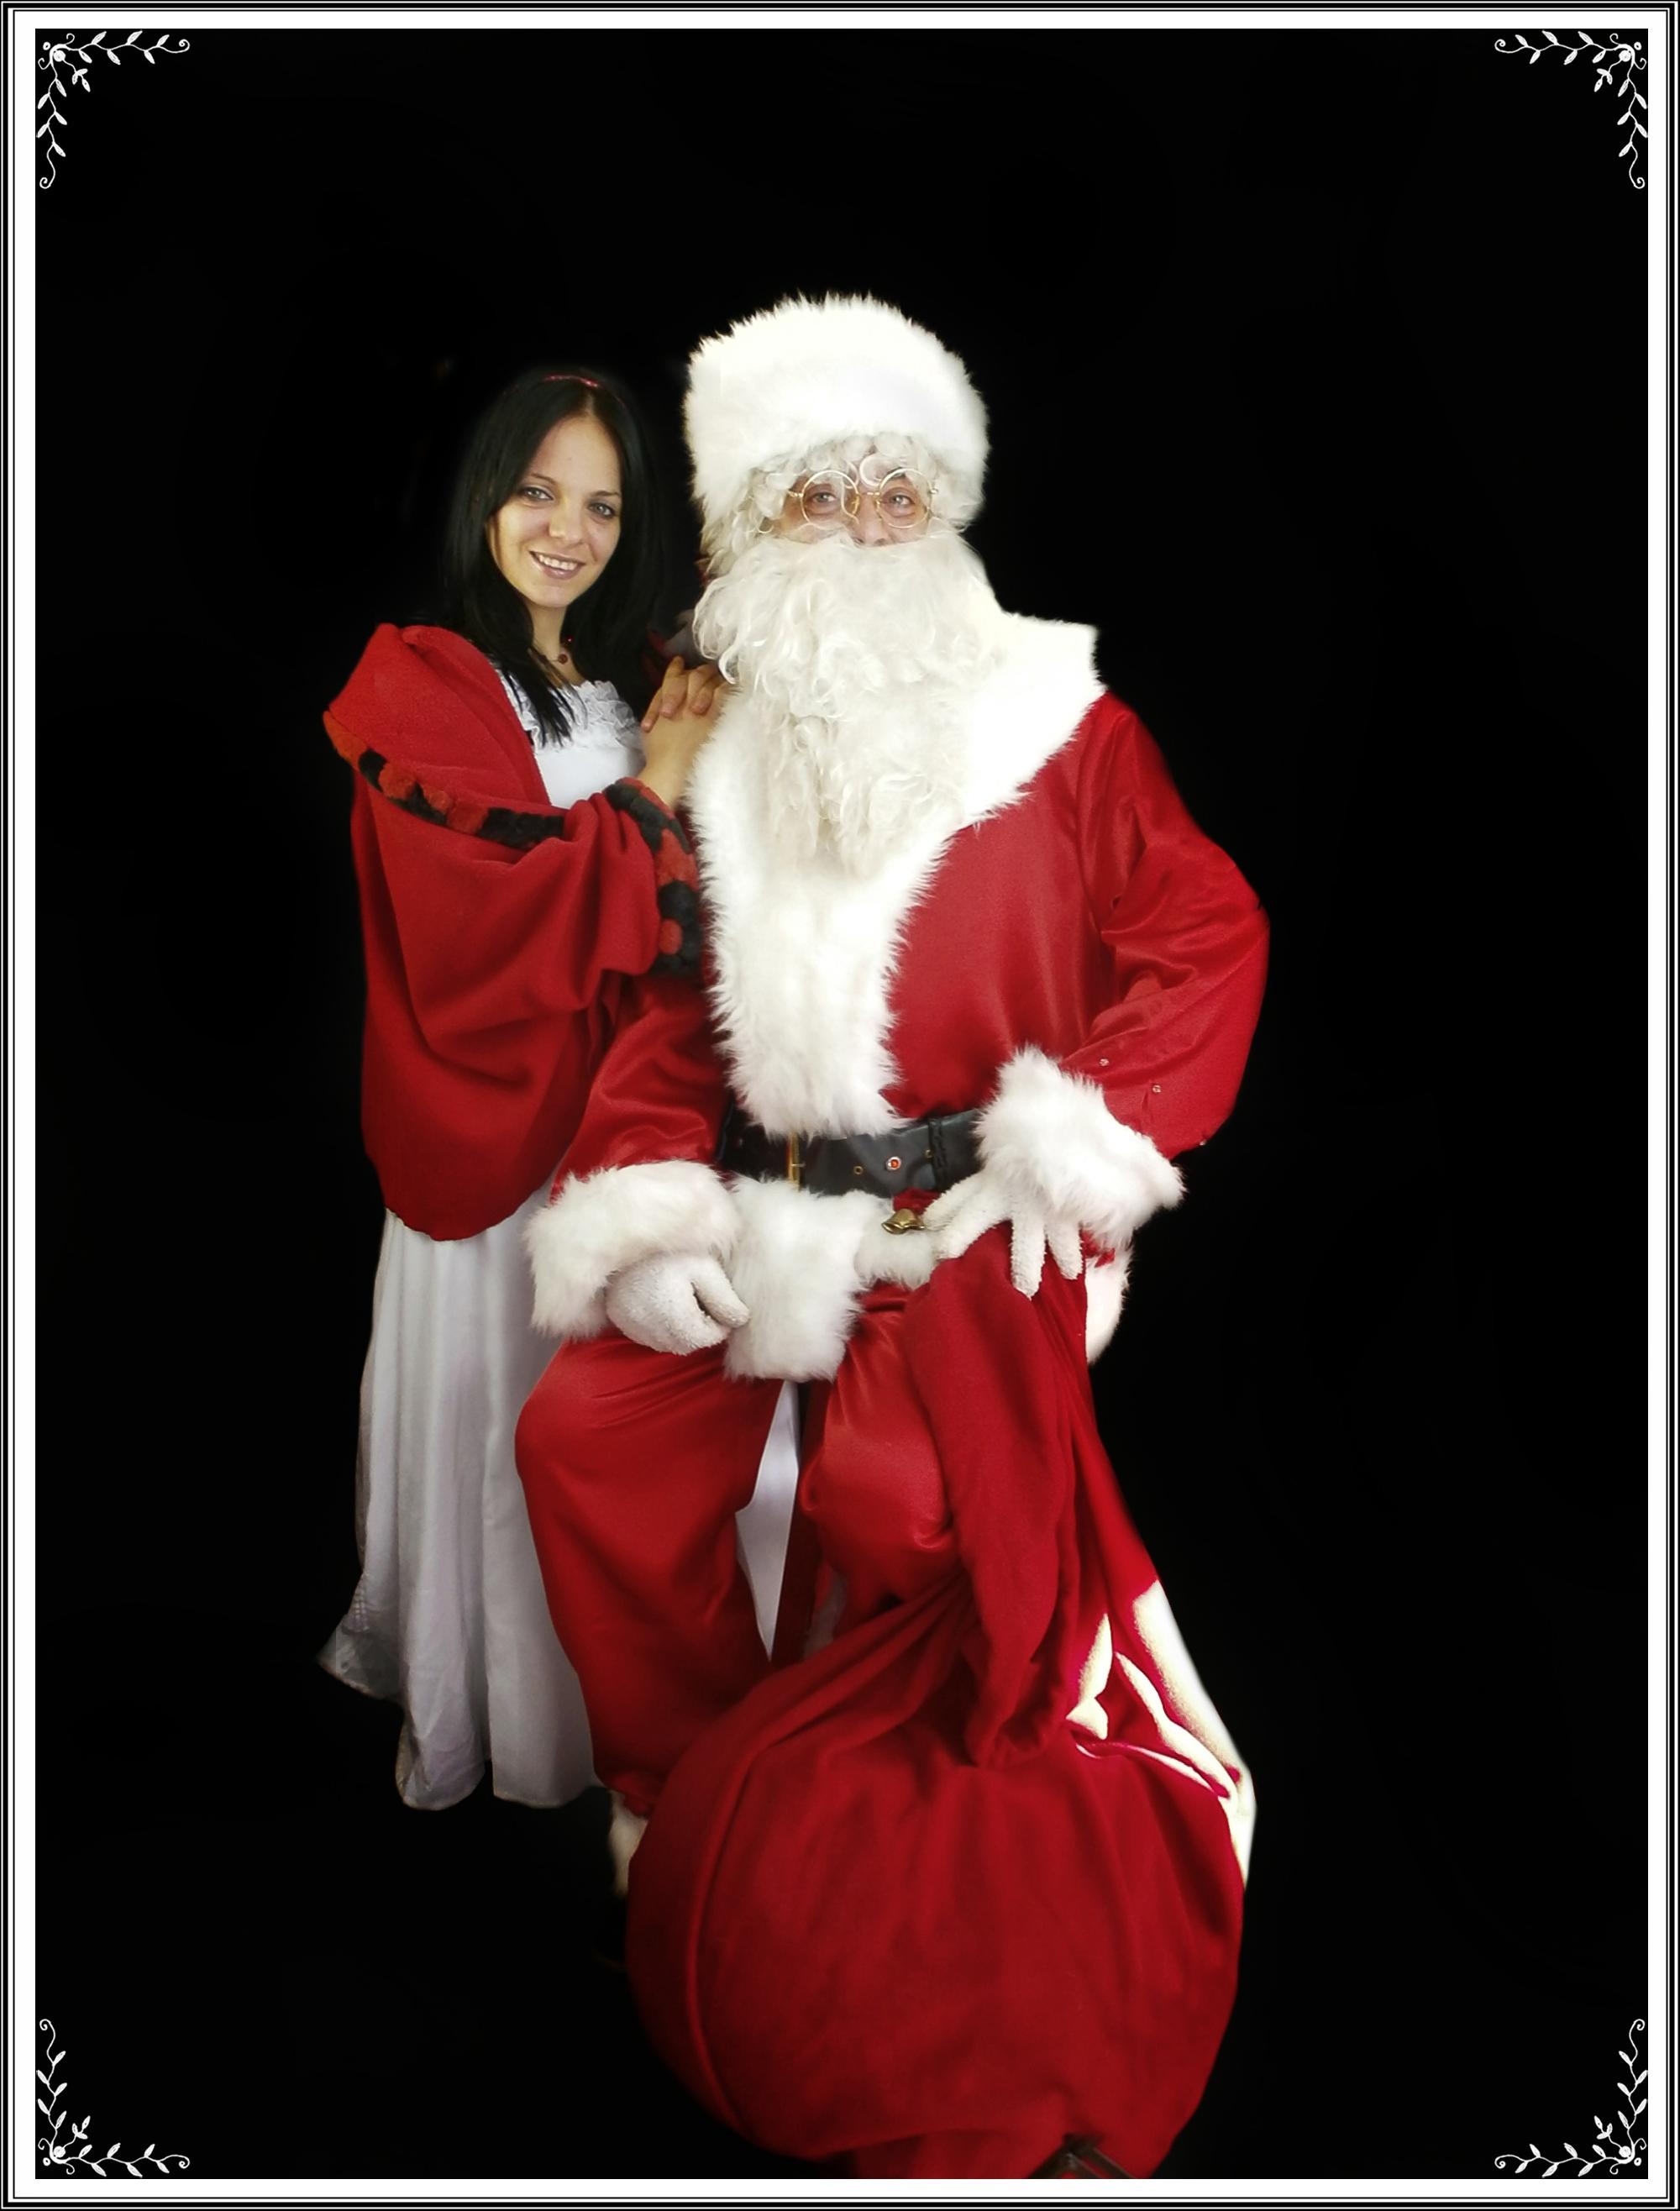 santa claus 0888 420 156 bulgarian phone number - Santa Claus Christmas